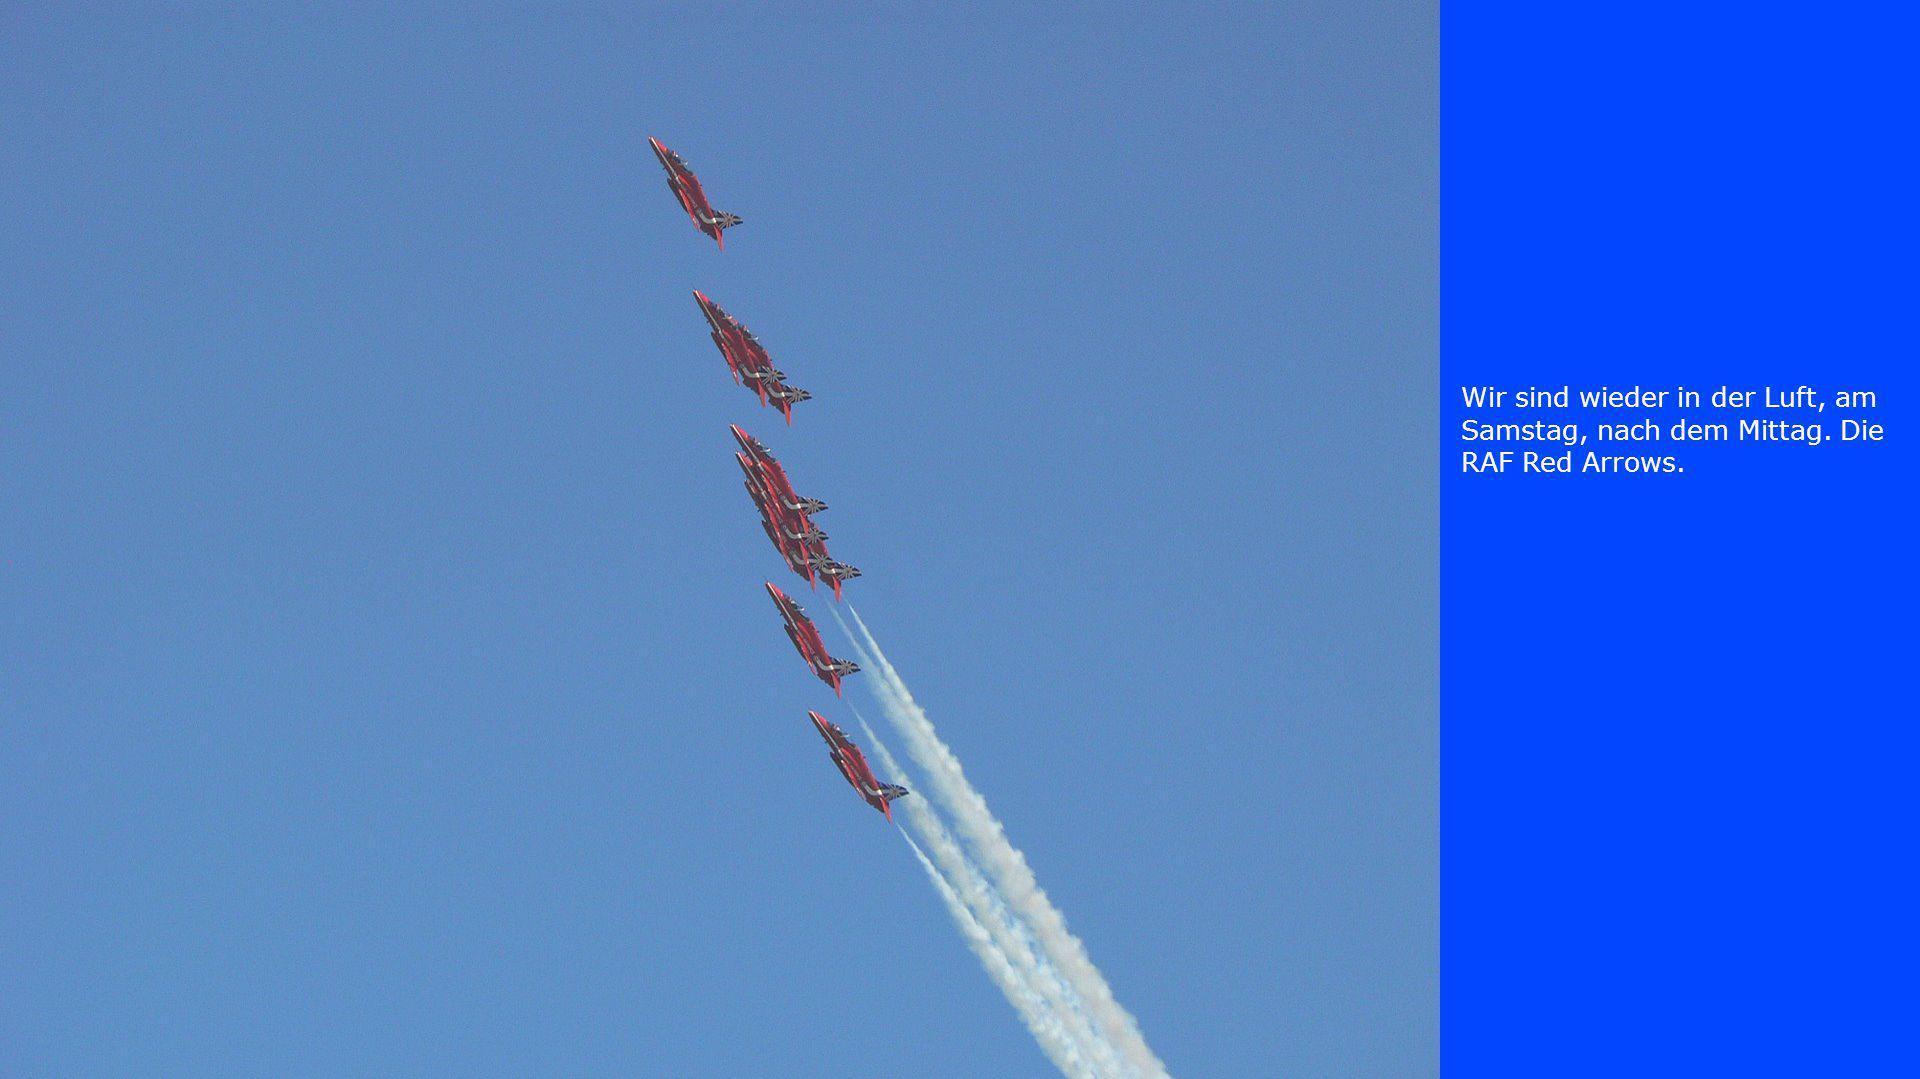 Wir sind wieder in der Luft, am Samstag, nach dem Mittag. Die RAF Red Arrows.